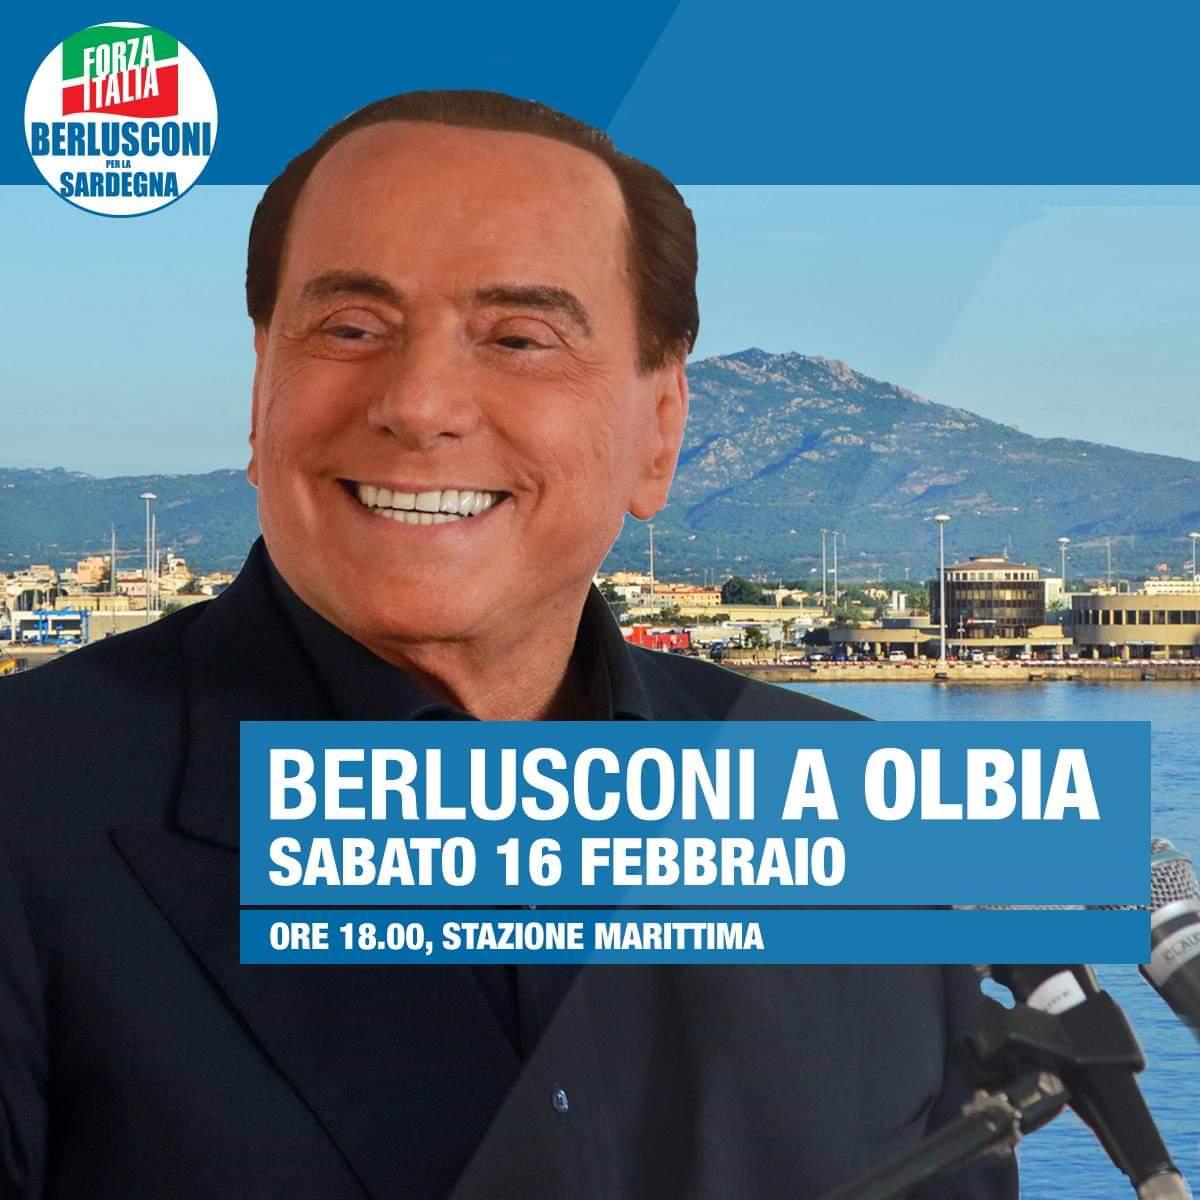 #16febbraio